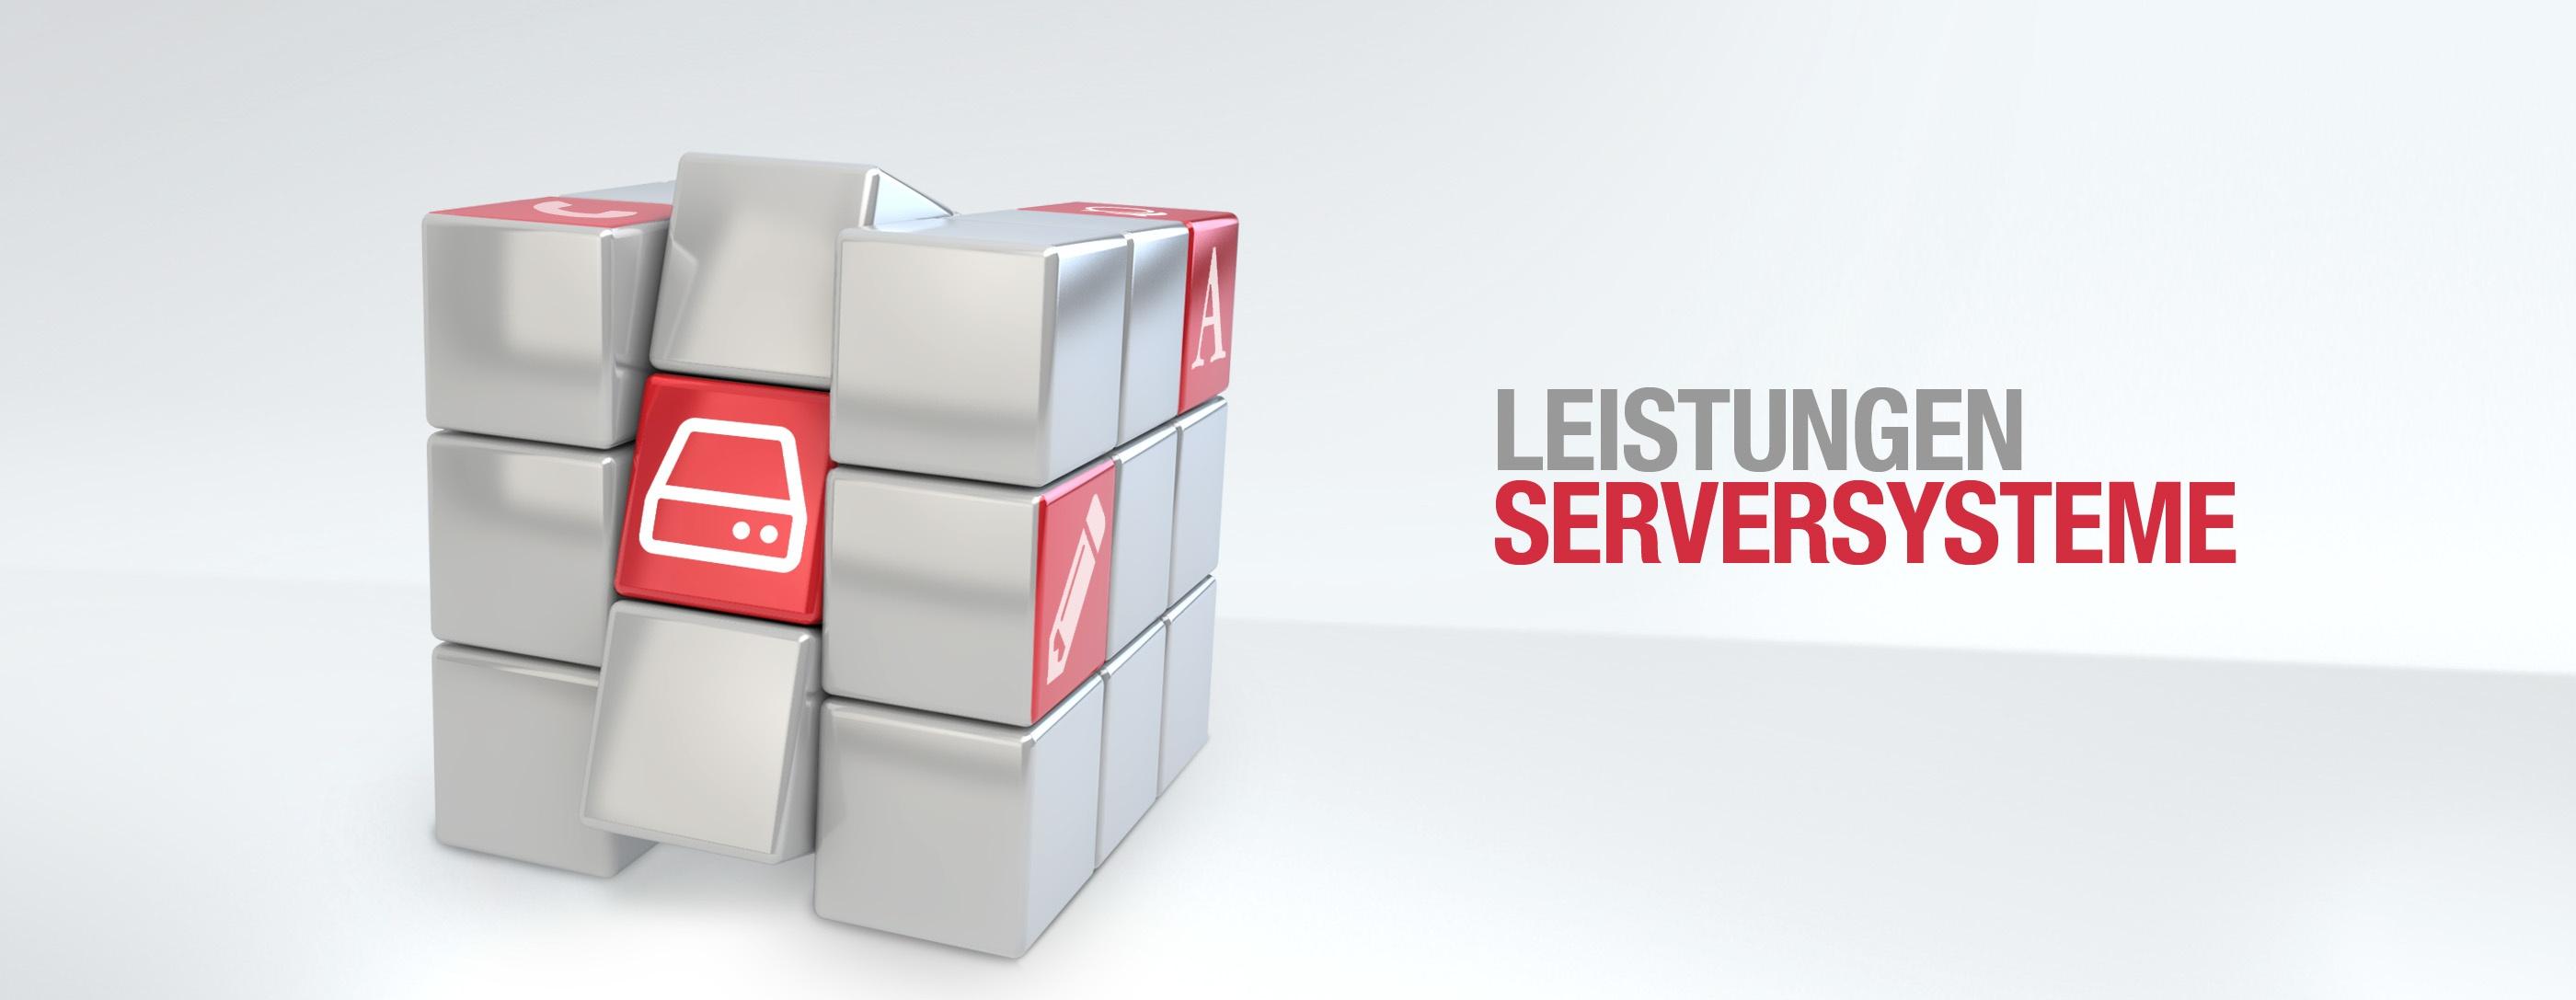 Leistungen_serversysteme.jpg